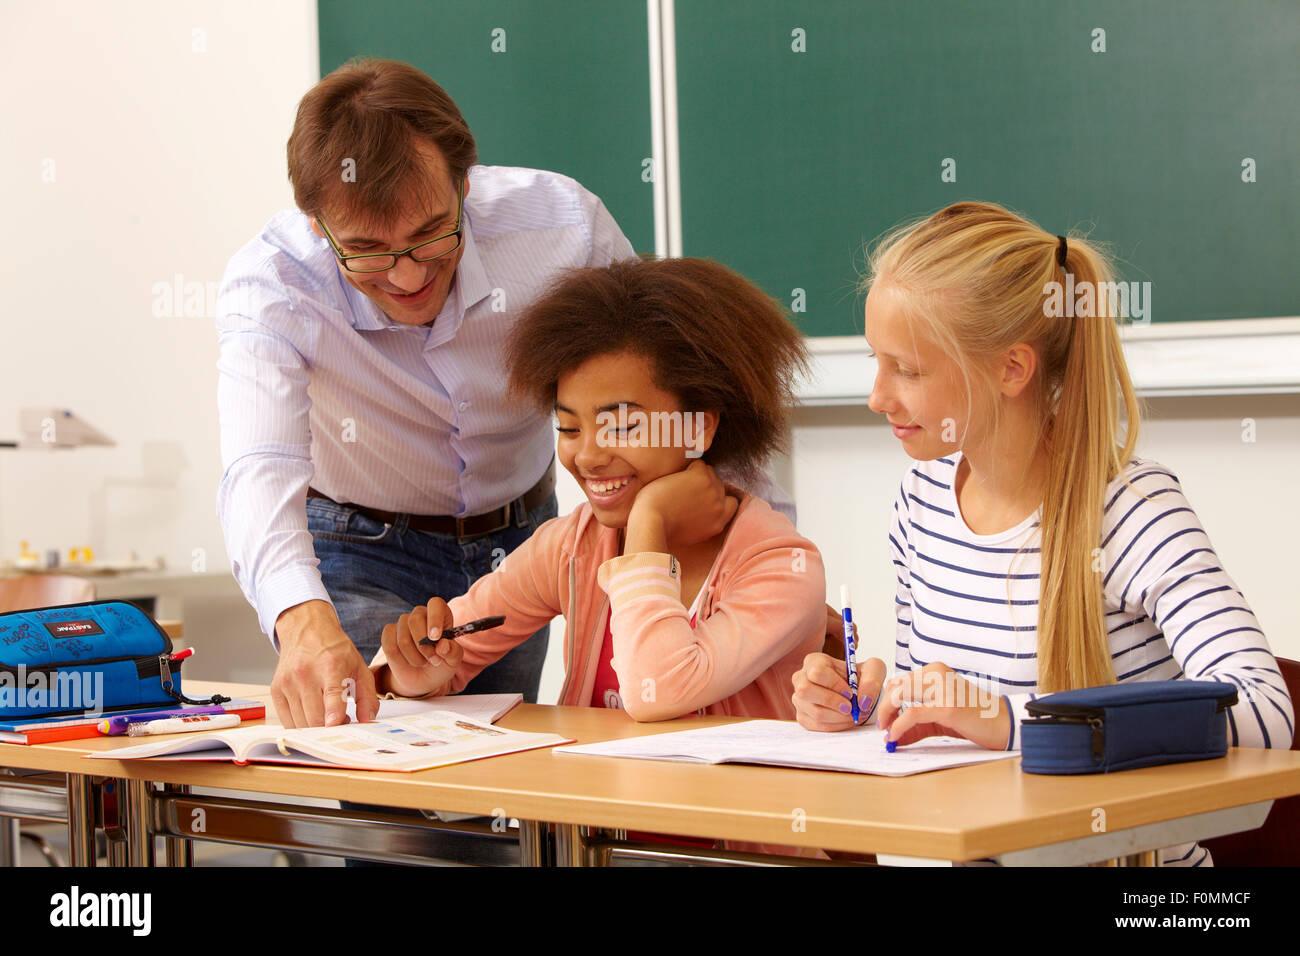 Lehrer hilft zwei Schülerinnen im Unterricht Stockbild